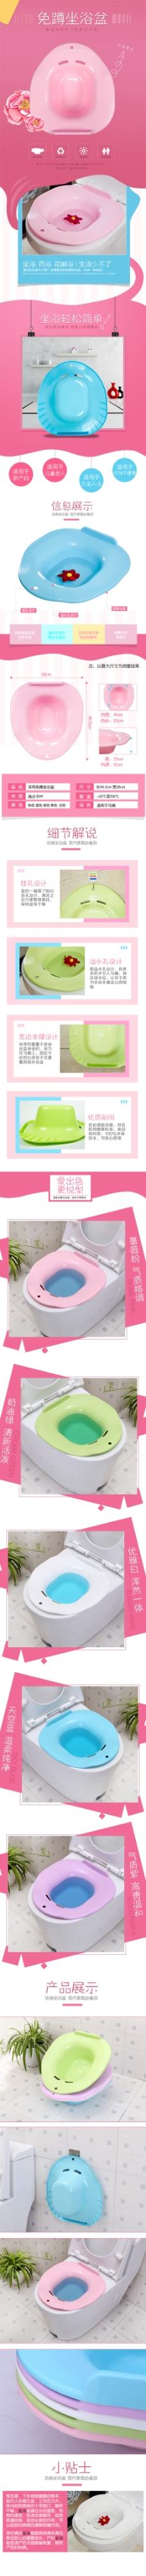 女性坐浴盆详情页